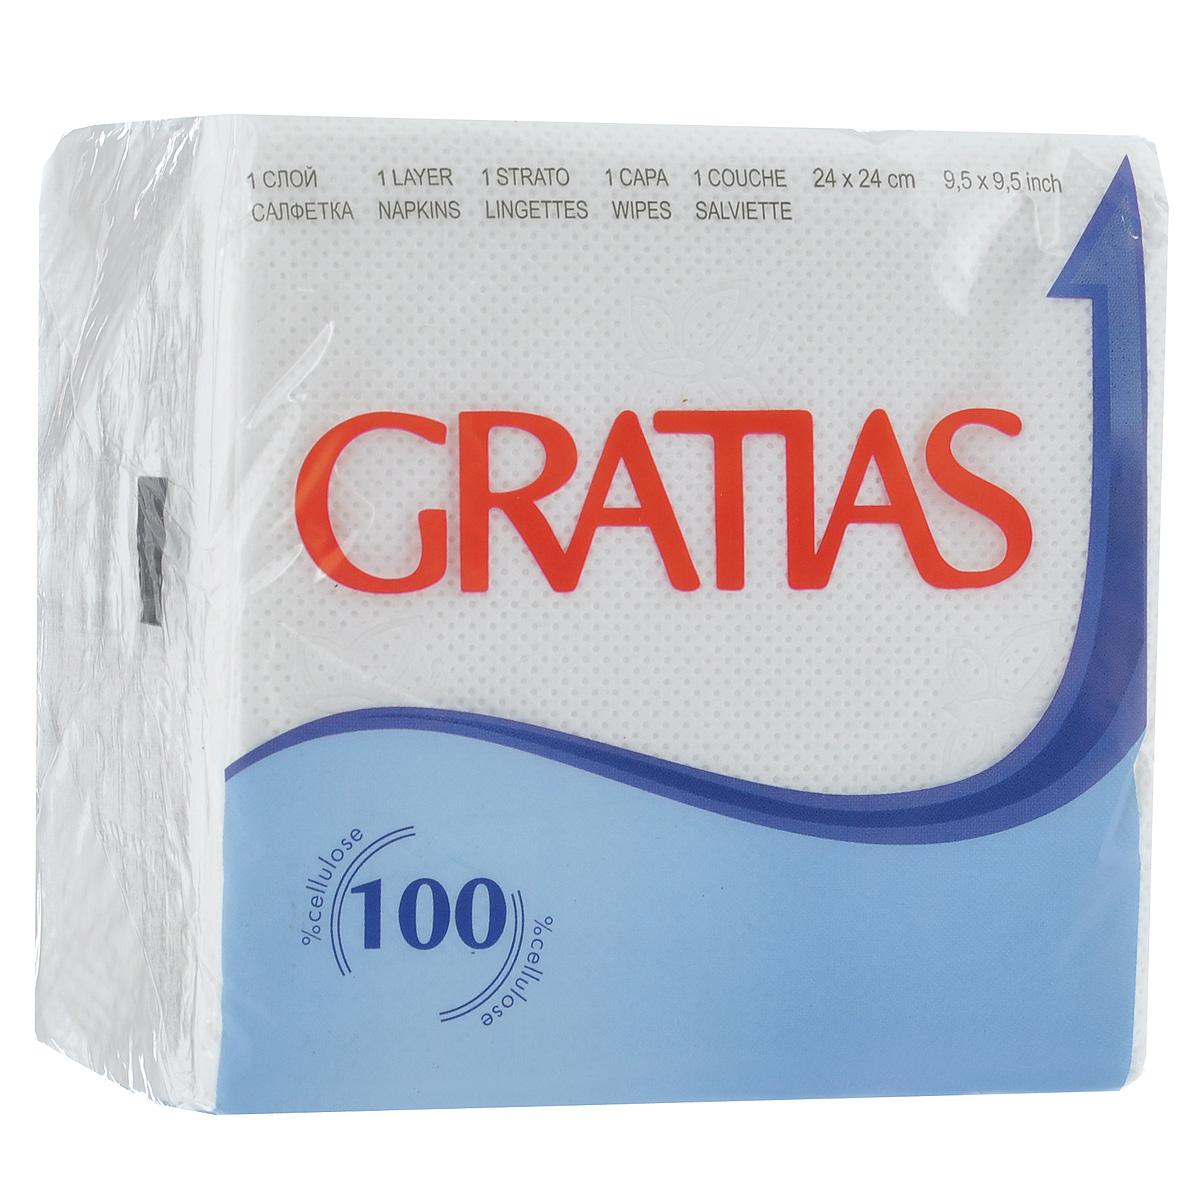 Салфетки бумажные Gratias, однослойные, 24 х 24 см, 90 штNN-604-LS-BUОднослойные бумажные салфетки Gratias мягкие, но в то же время прочные. Они оформлены тиснением в виде бабочек. Подходят для косметического, санитарно-гигиенического и хозяйственного назначения. Обладают хорошими впитывающими свойствами. Материал: 100% целлюлоза. Размер салфетки: 24 см х 24 см. Комплектация: 90 шт.